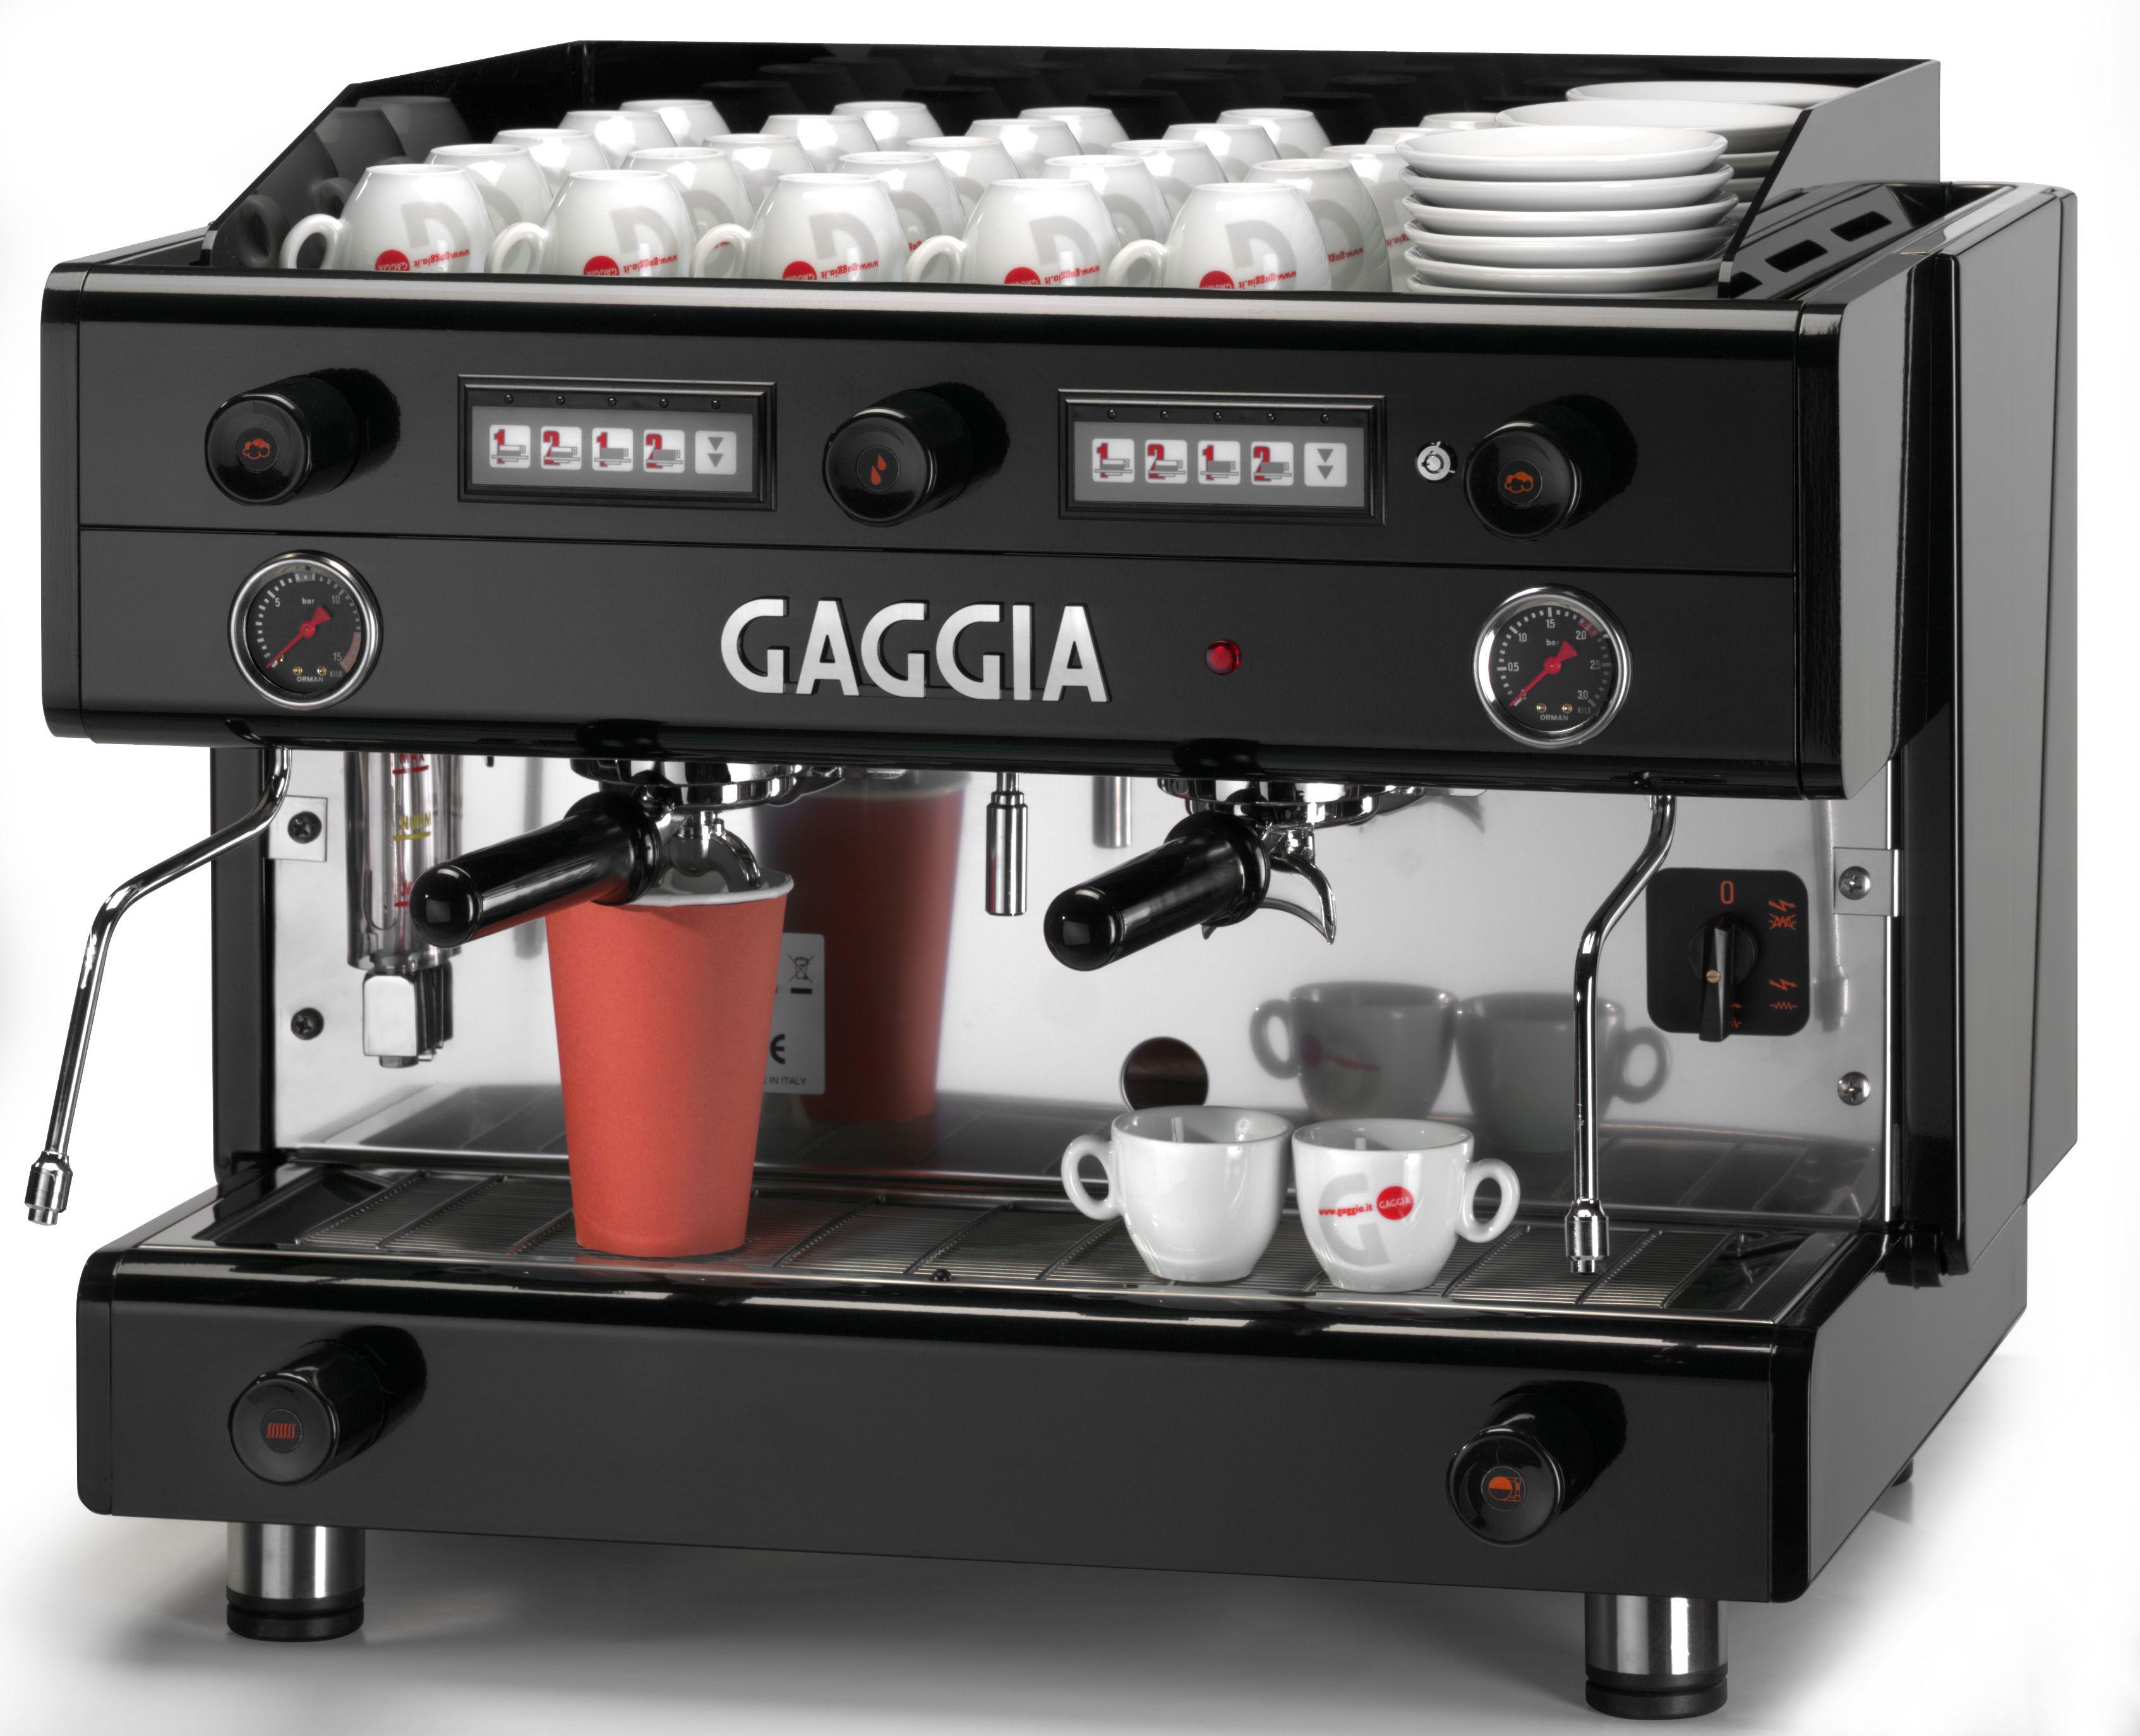 Gaggia Professional Machines, Gaggia Service, Saeco Service, Gaggia Repairs, Gaggia